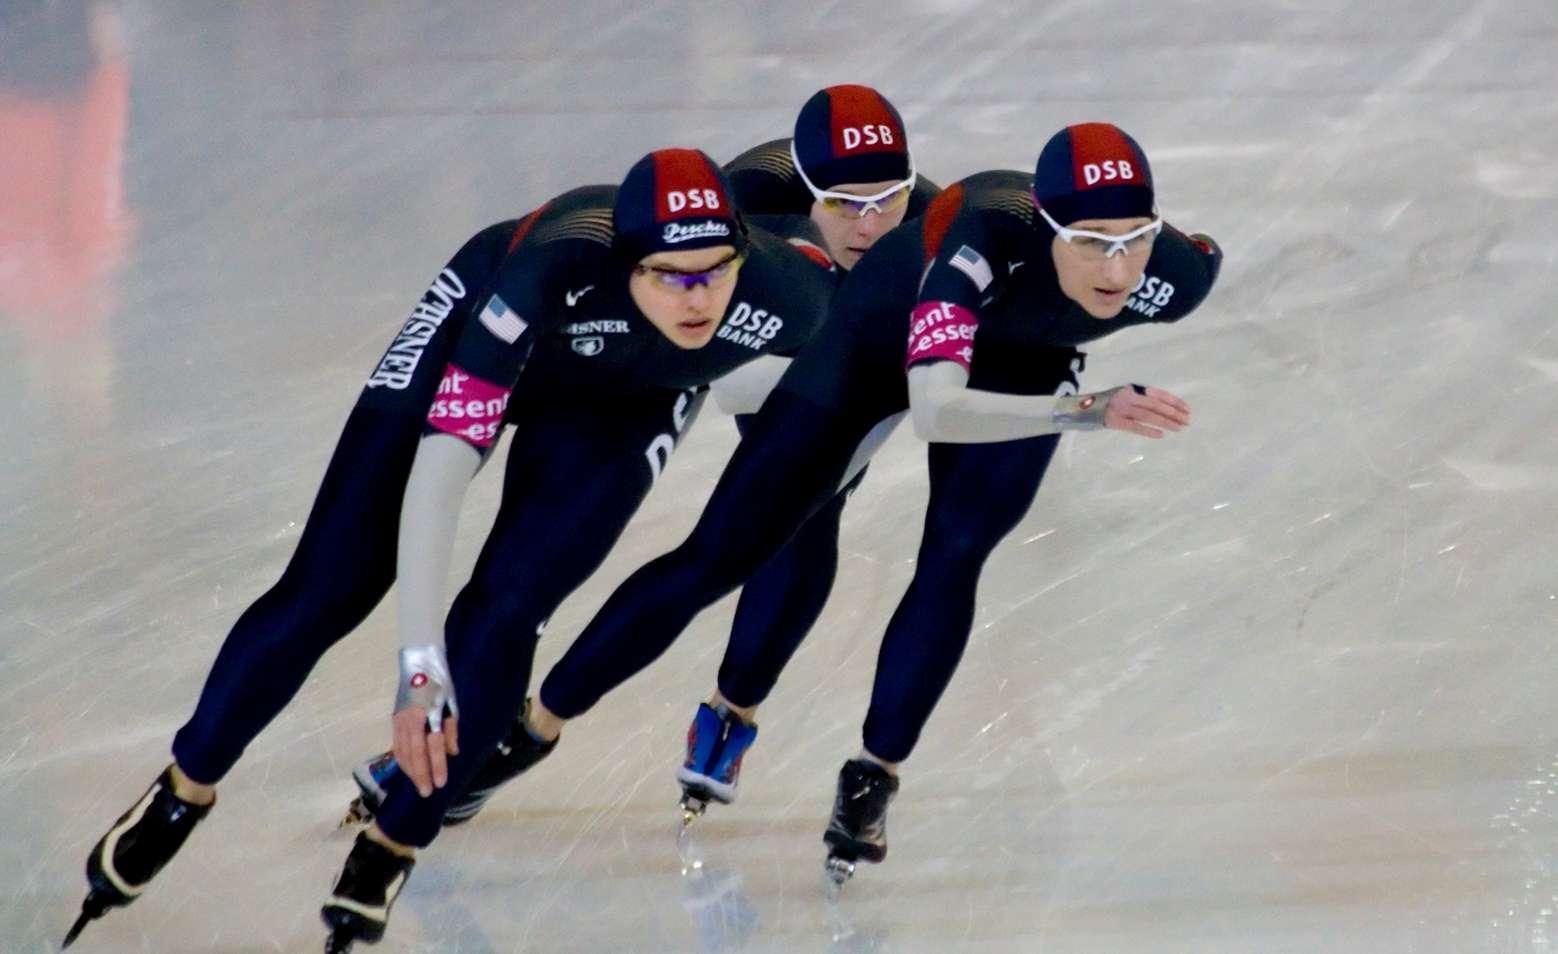 Les patineurs de vitesse états-uniens disposent d'une combinaison idéale censée améliorer leurs chronos aux Jeux olympiques de Sotchi. La confirmation en compétition se fait attendre. © Adrian8_8, Wikipédia, cc by 2.0